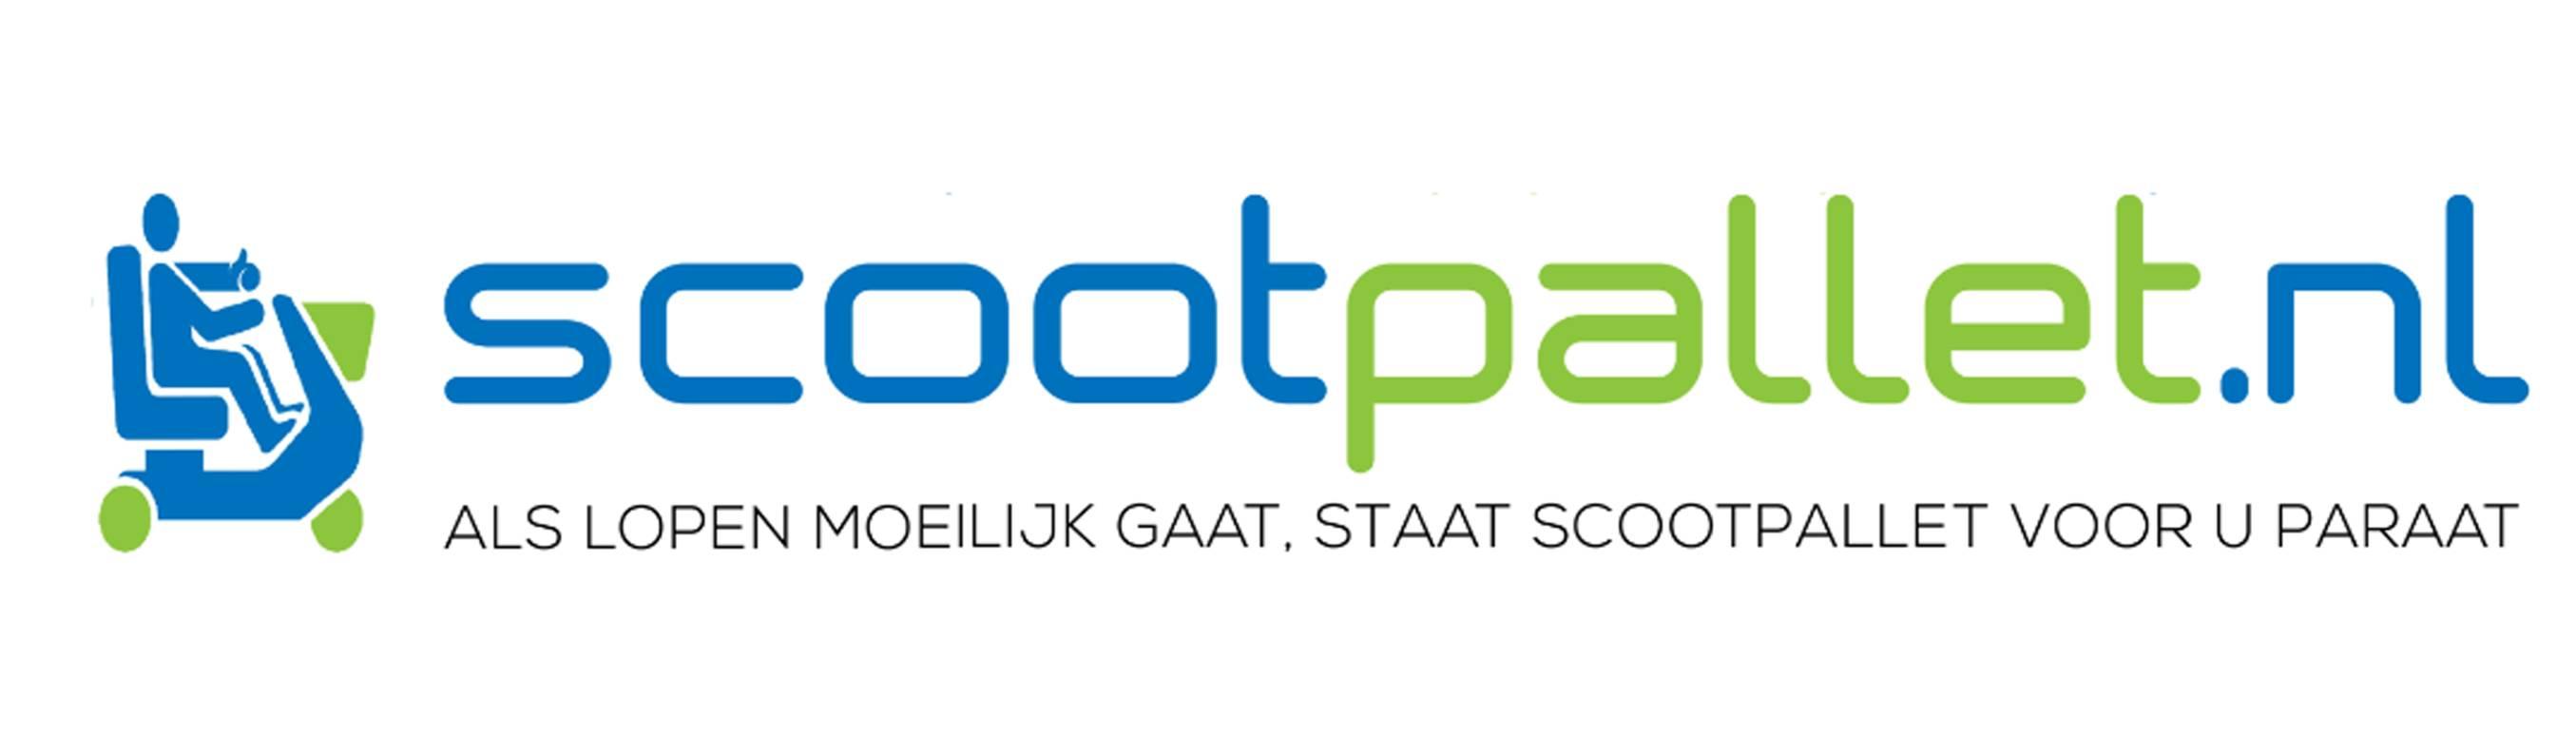 Scootpallet_logo_Onbeperkt_leven